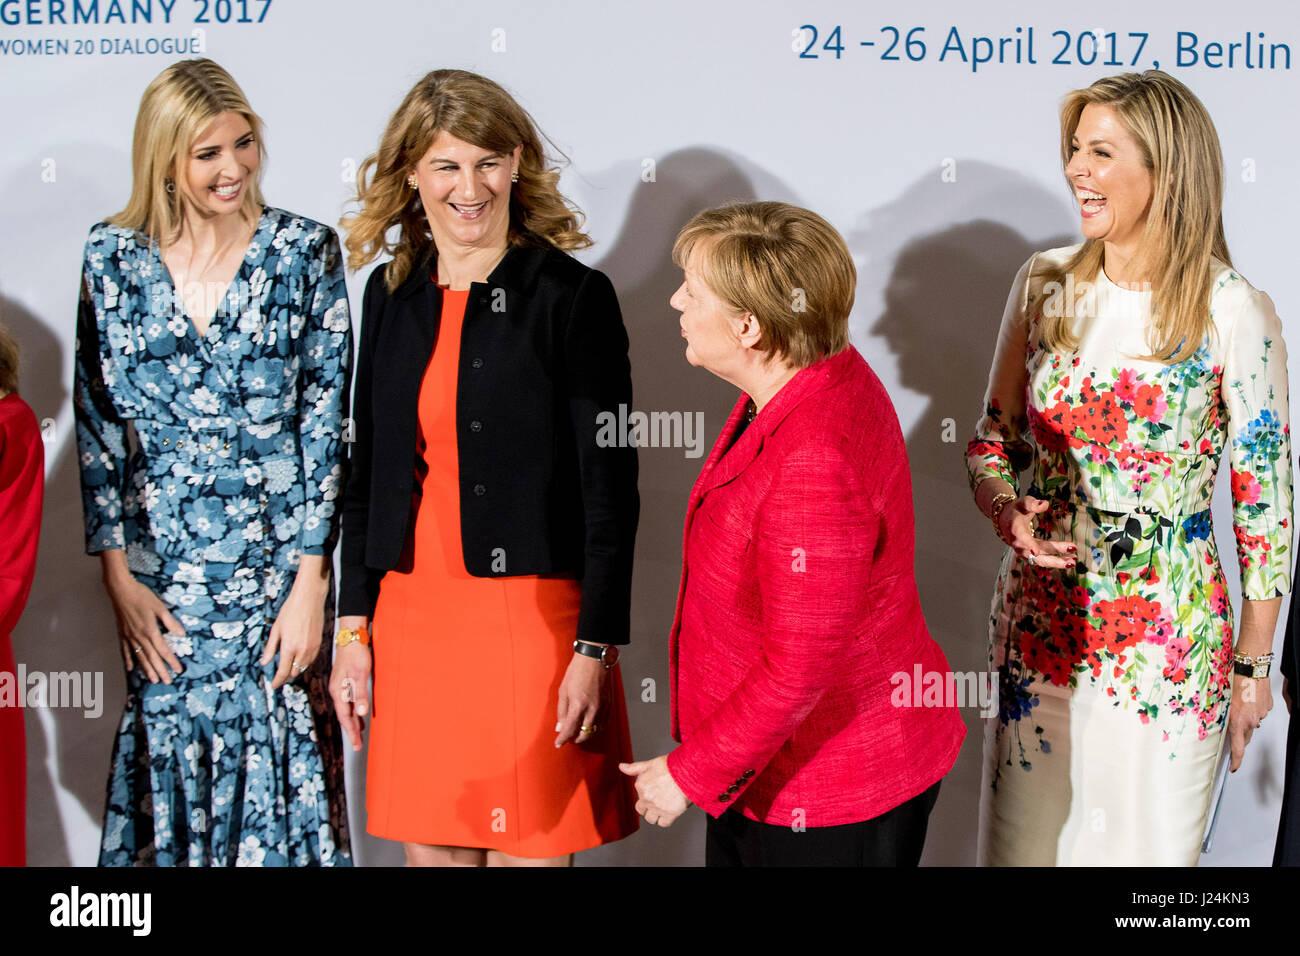 Berlin, Allemagne. Apr 25, 2017. Ivanka Trump, fille et consultant du président des États-Unis (l-r), Stephanie Bschorr, Présidente de la femme20 en Allemagne, la chancelière allemande, Angela Merkel (CDU) et la Reine Maxima des Pays-Bas présentent au sommet du dialogue Femme 20 pour l'autonomisation des femmes à Berlin, Allemagne, 25 avril 2017. Objectif de la manifestation organisée dans le cadre de la présidence du G20 en Allemagne est de mettre les femmes dans une meilleure position économique, leur donner plus de possibilités sur le marché du travail et permettre une plus grande implication dans l'esprit d'entreprise. Photo: Kay Nietfeld/dpa/Alamy Live News Banque D'Images